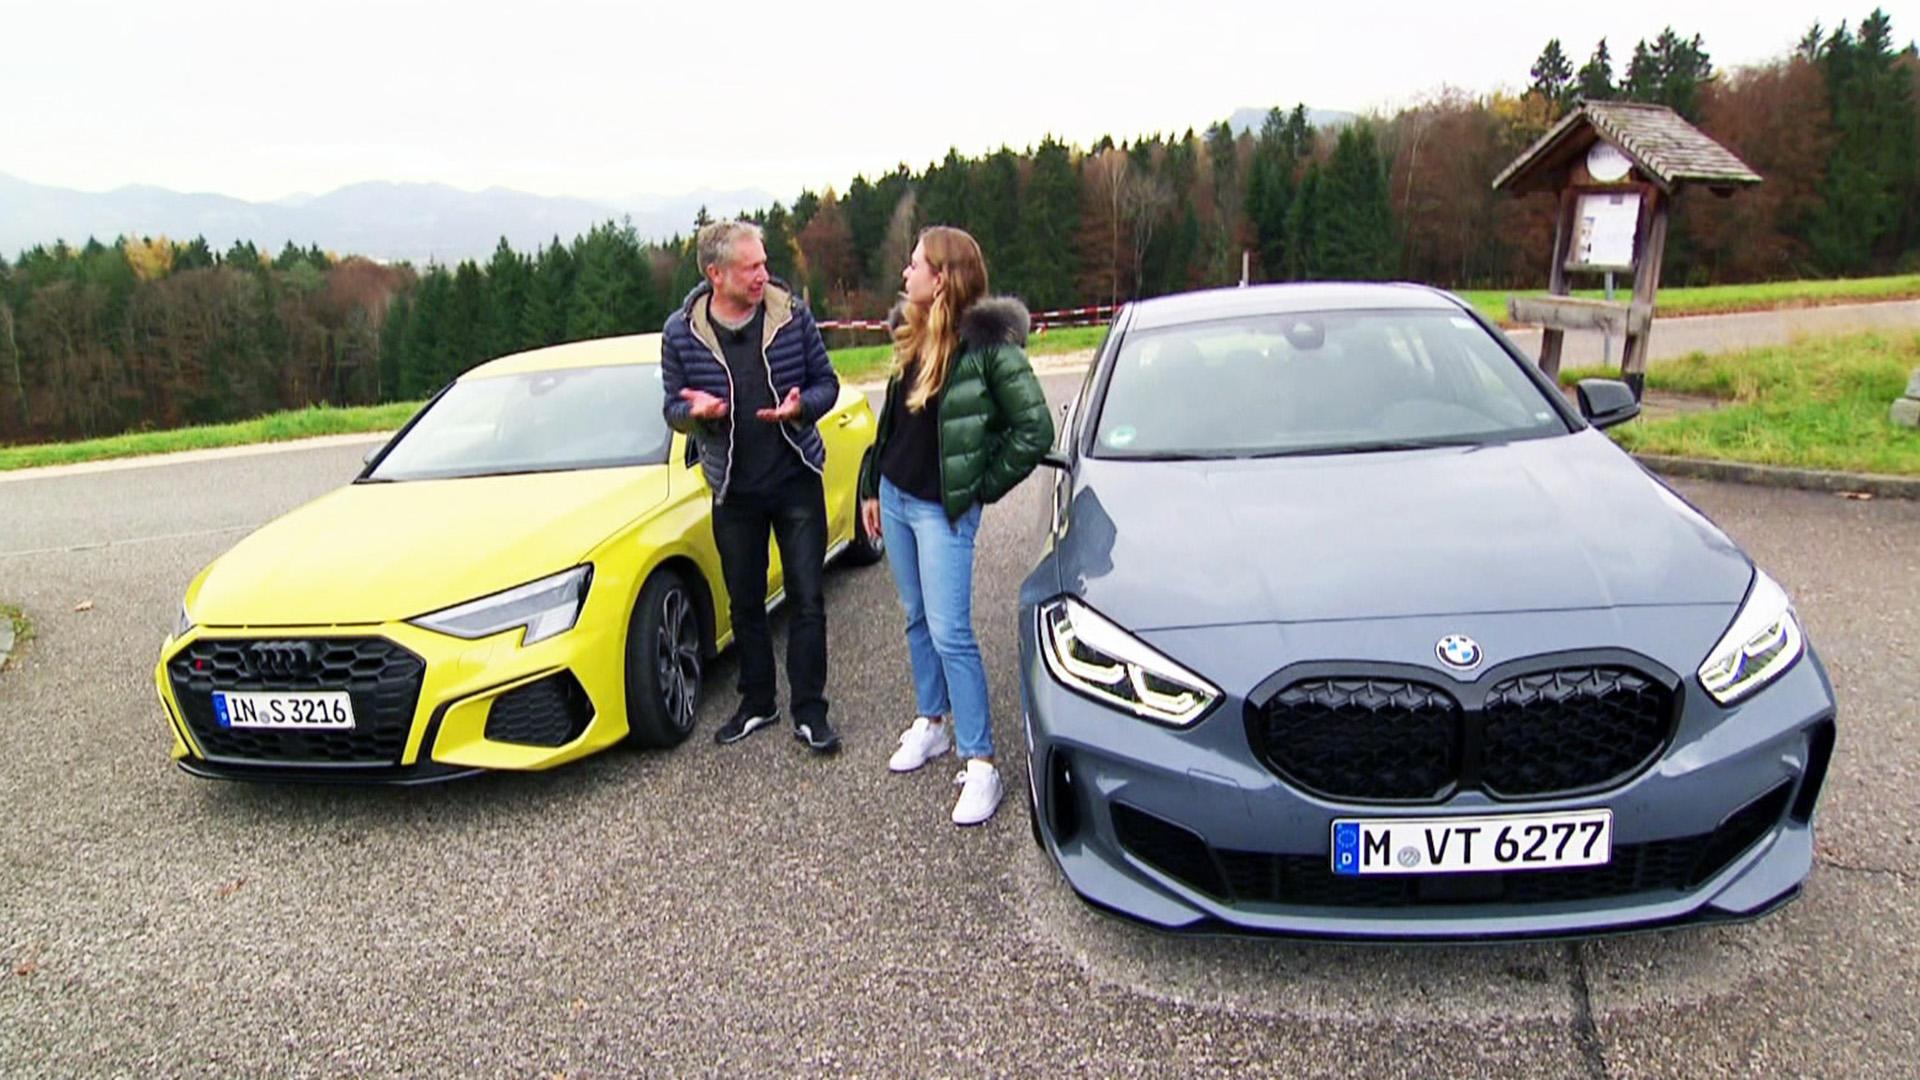 Kompakt-Kracher - Audi S3 vs. BMW M135i xDrive  | Folge 535